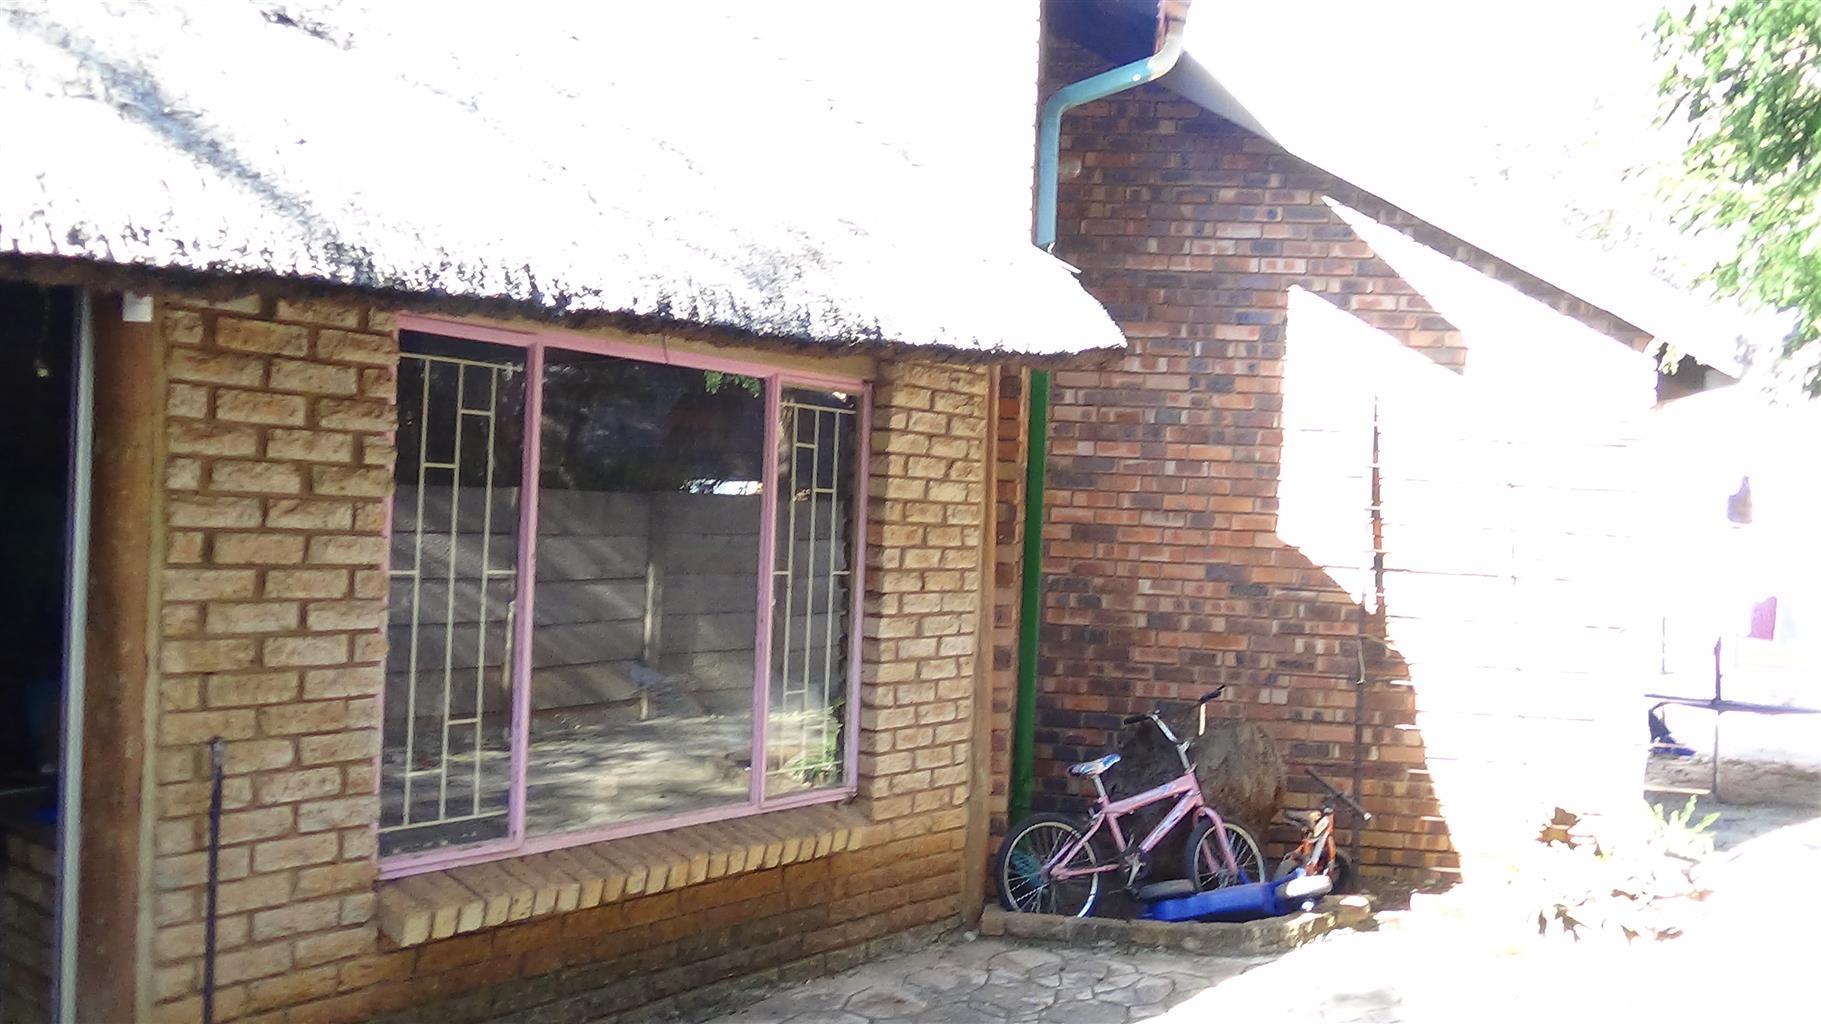 3 Bedroom House (Duet) in Doornpoort – R900 000